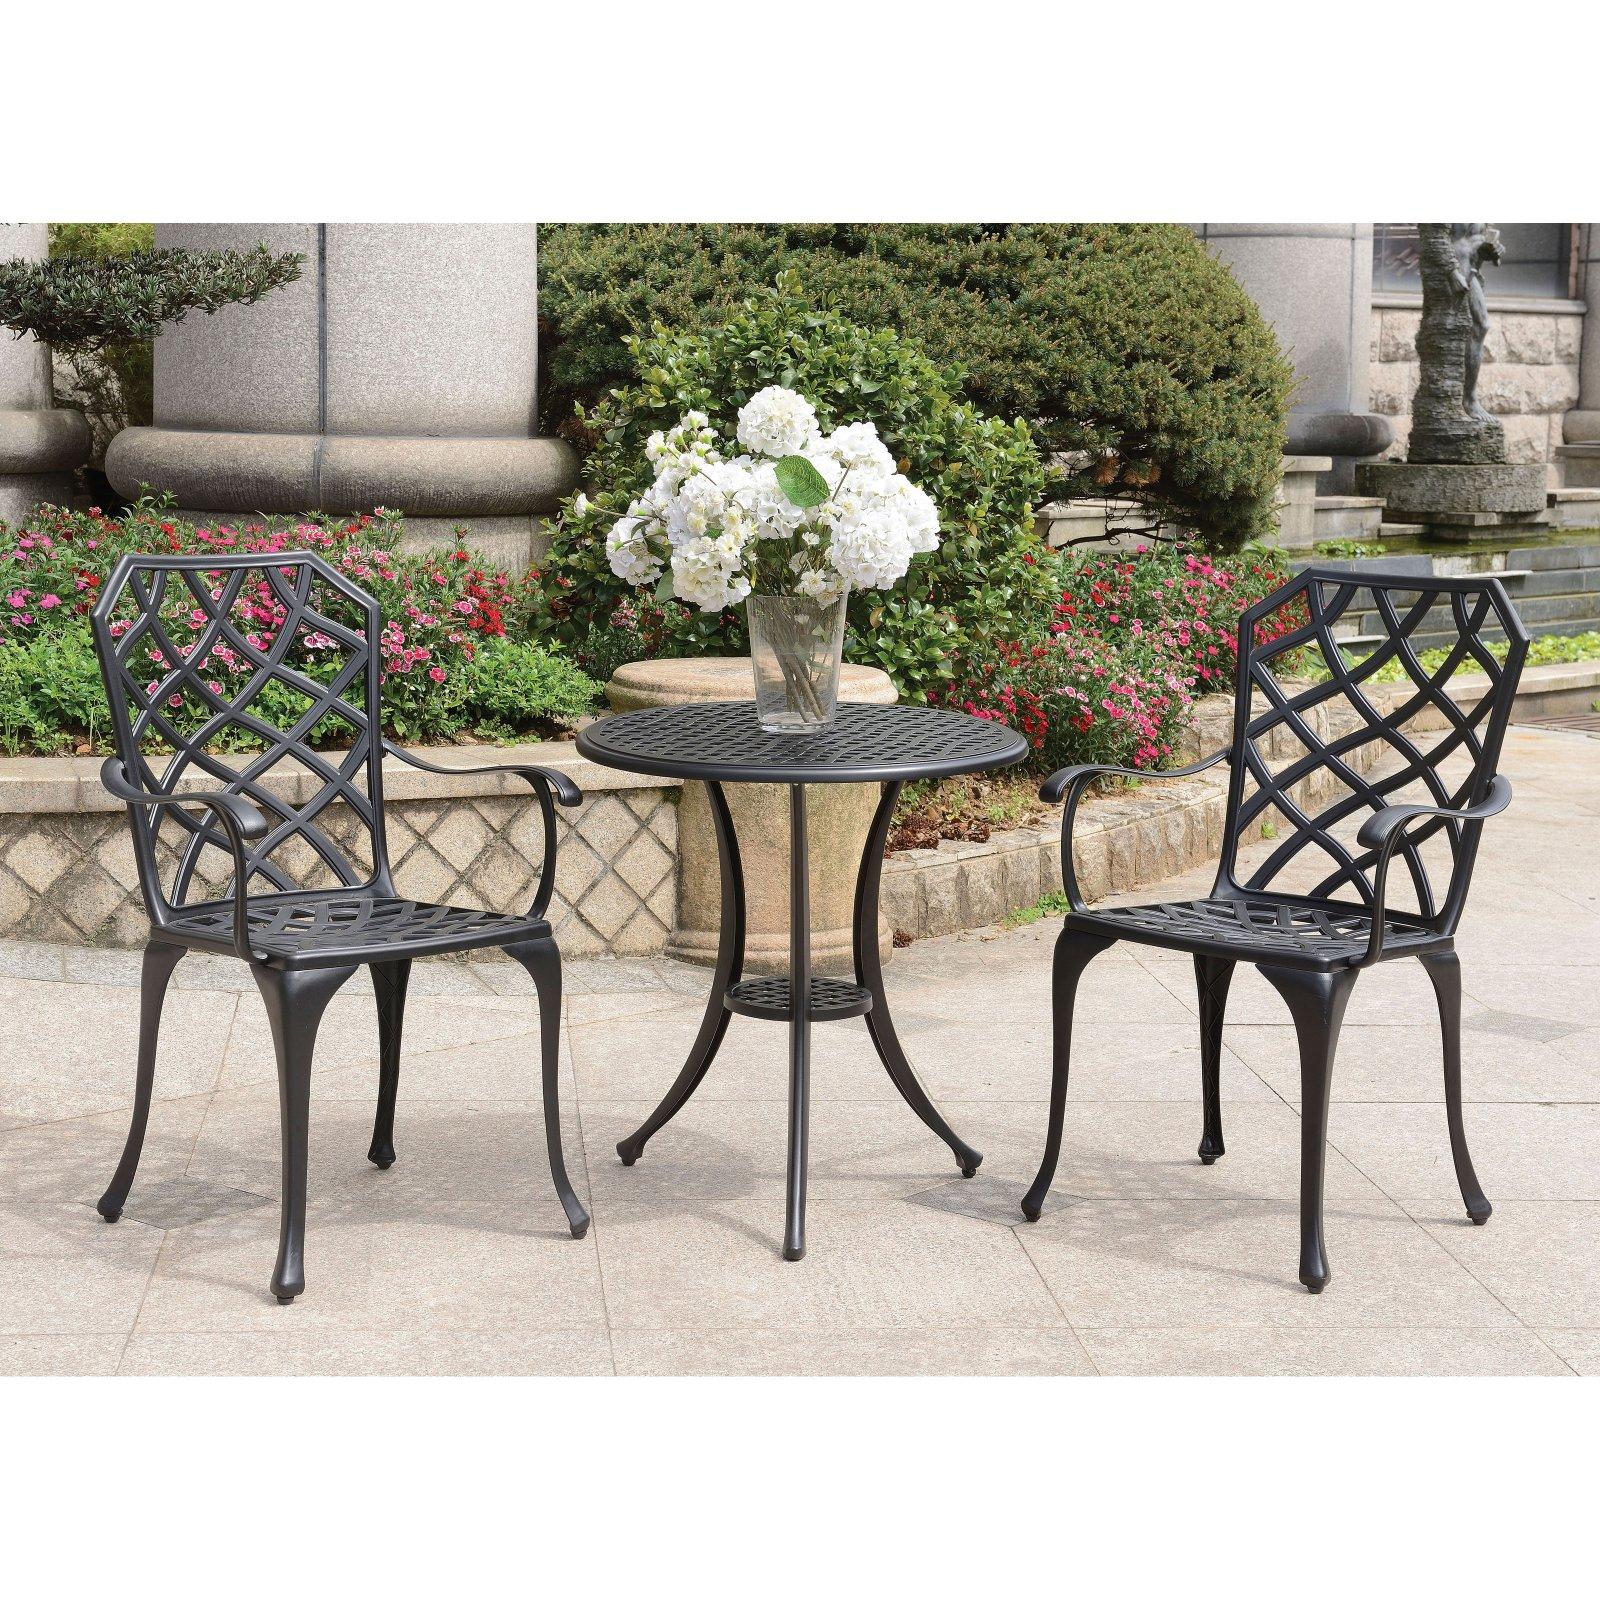 Outdoor Furniture Of America Loella Aluminum 3 Piece Trellis Patio